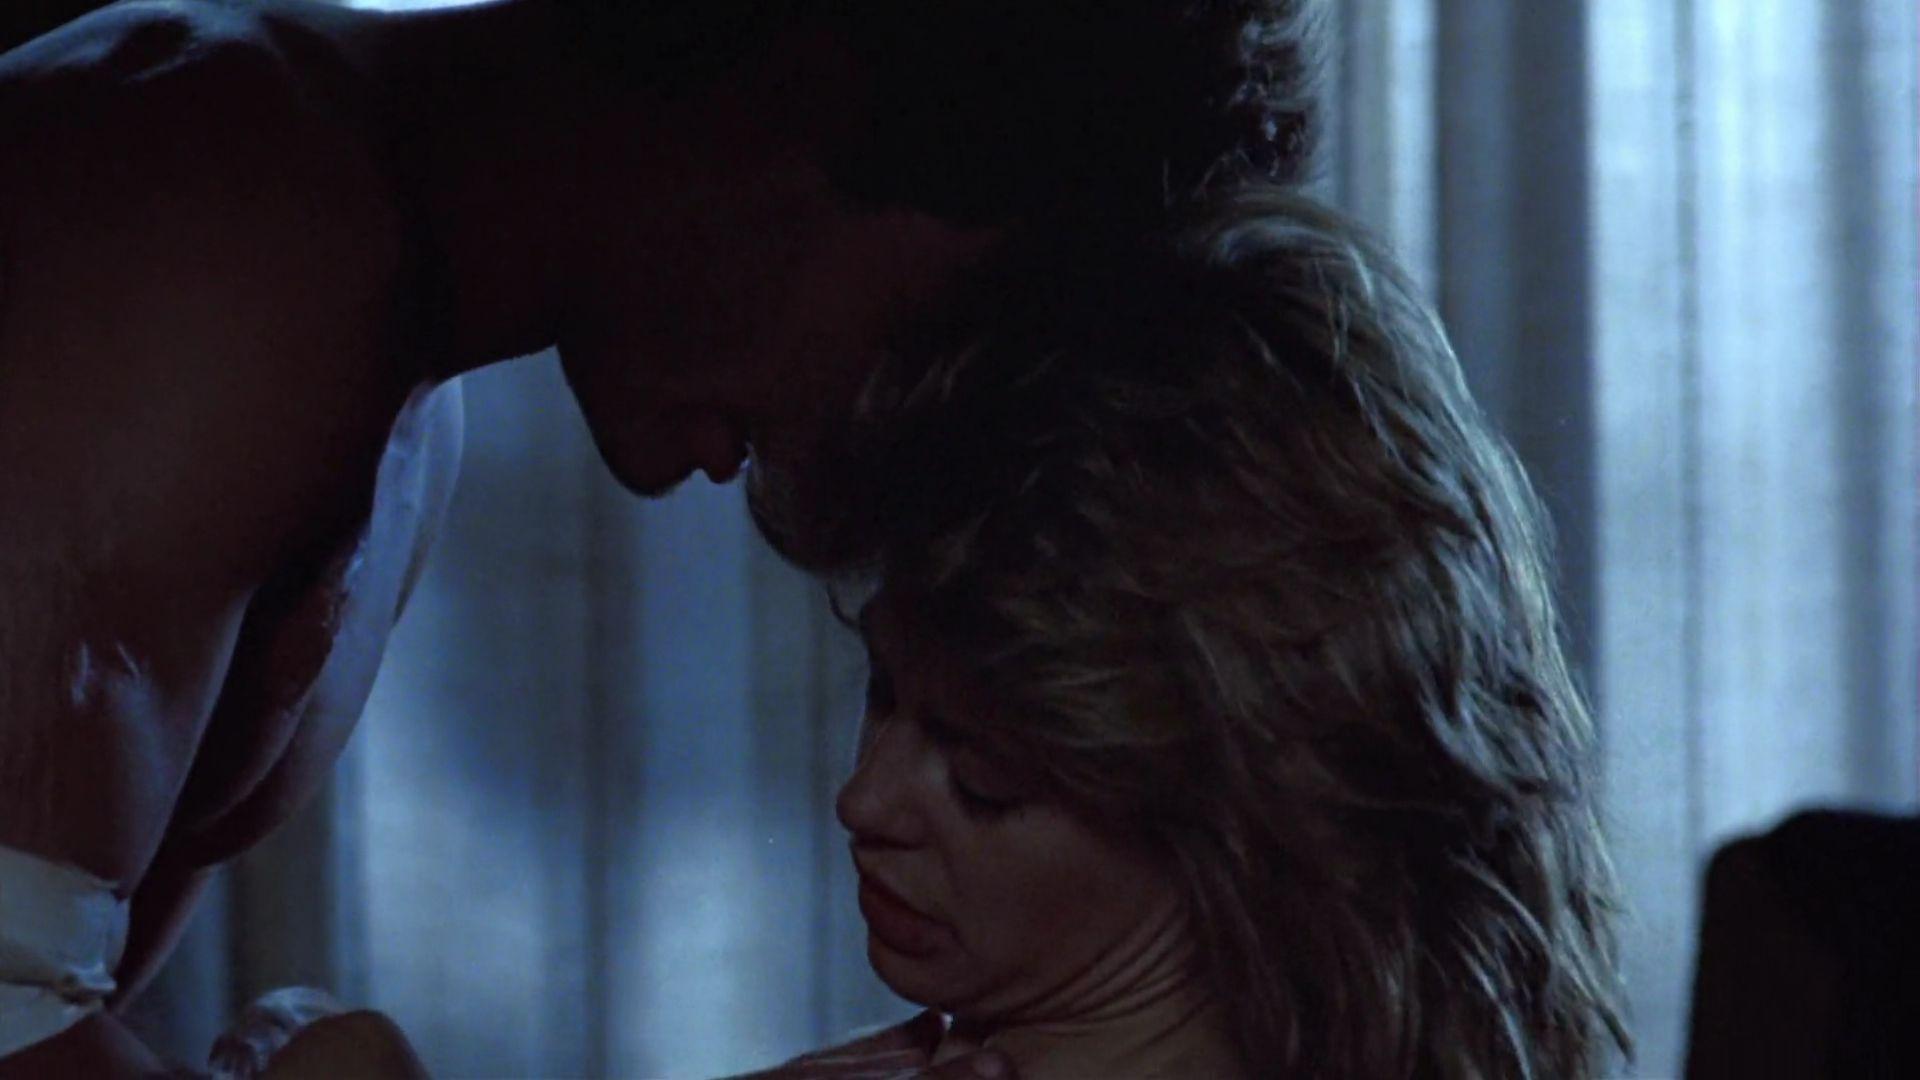 linda-hemilton-seks-video